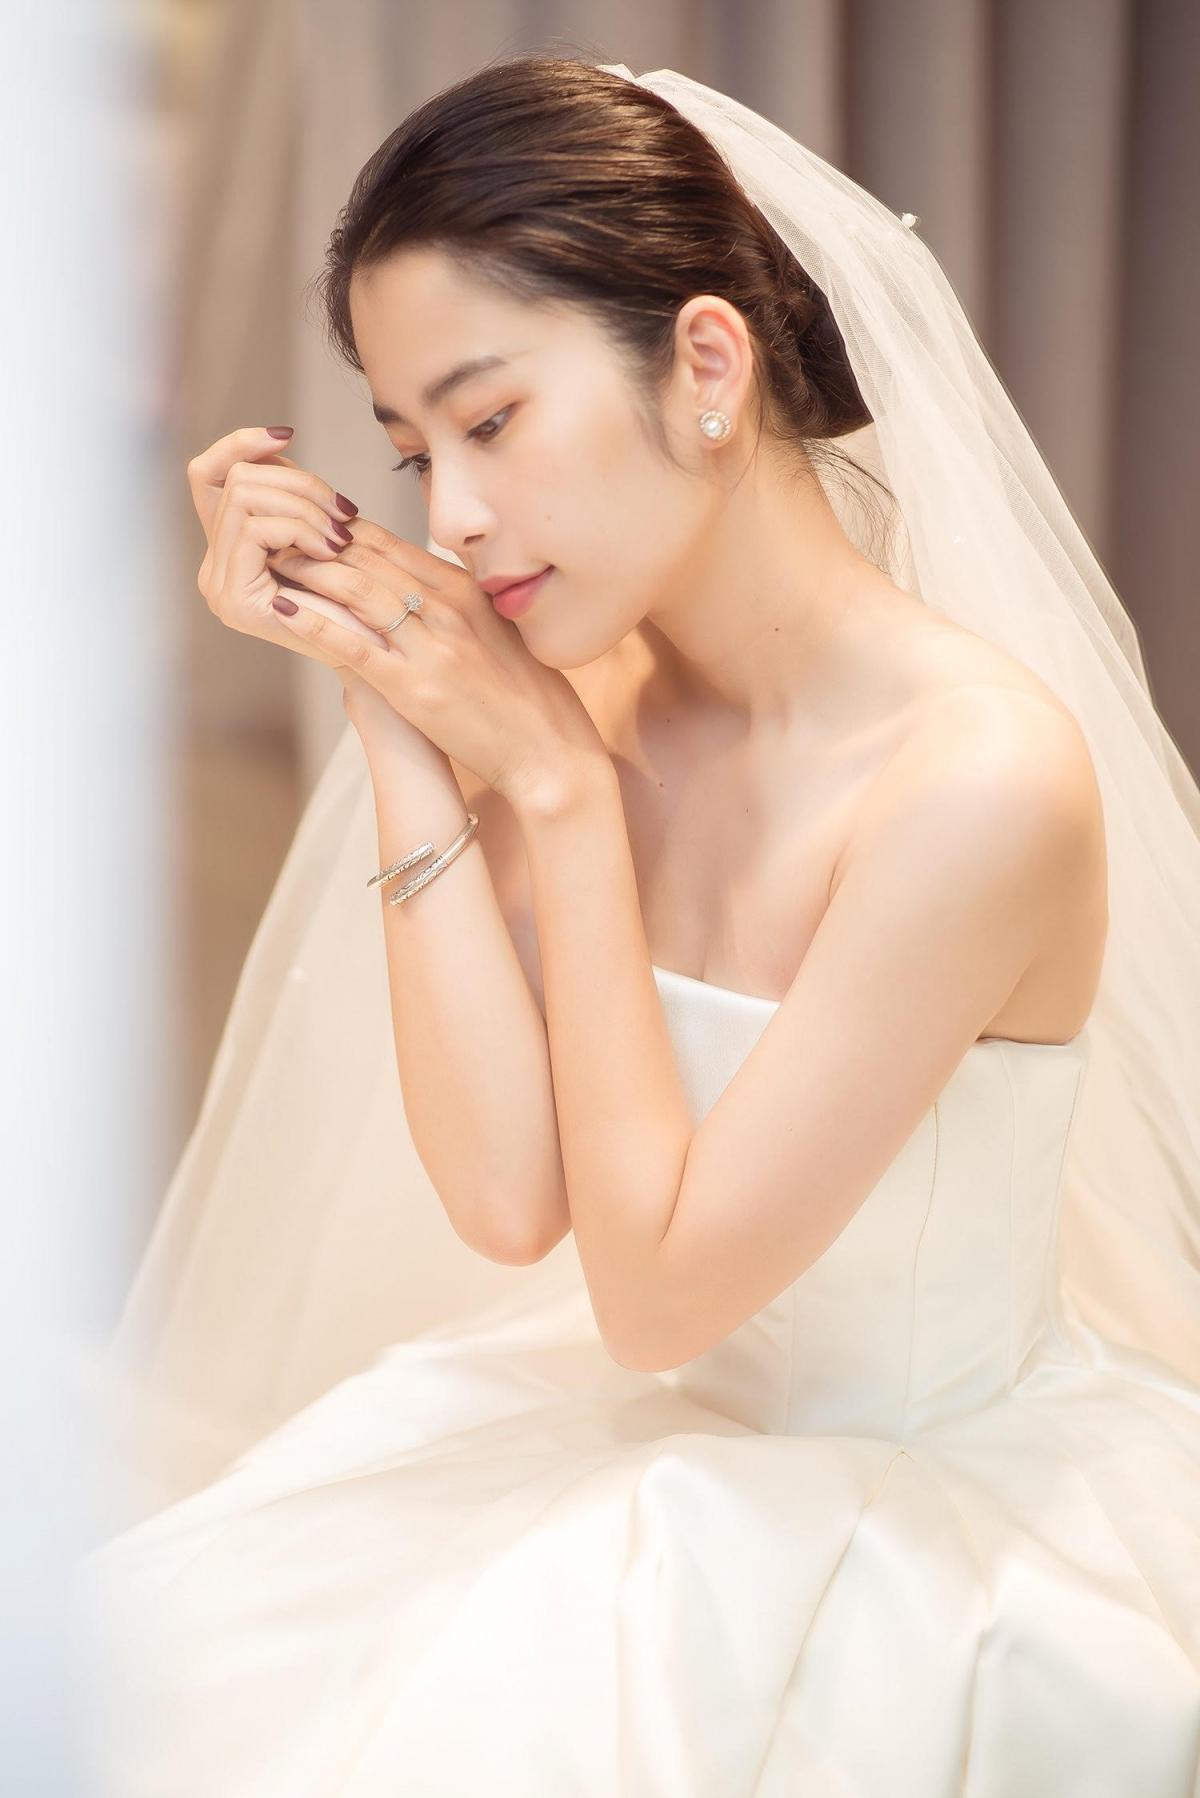 Bộ váy của NTK Lâm Lâm không quá cầu kỳ trong thiết kế nhưng tinh tế ở đường cắt may, đặc biệt giúp Nam Em khoe khéo khung xương vai và vẻ nữ tính mềm mại.